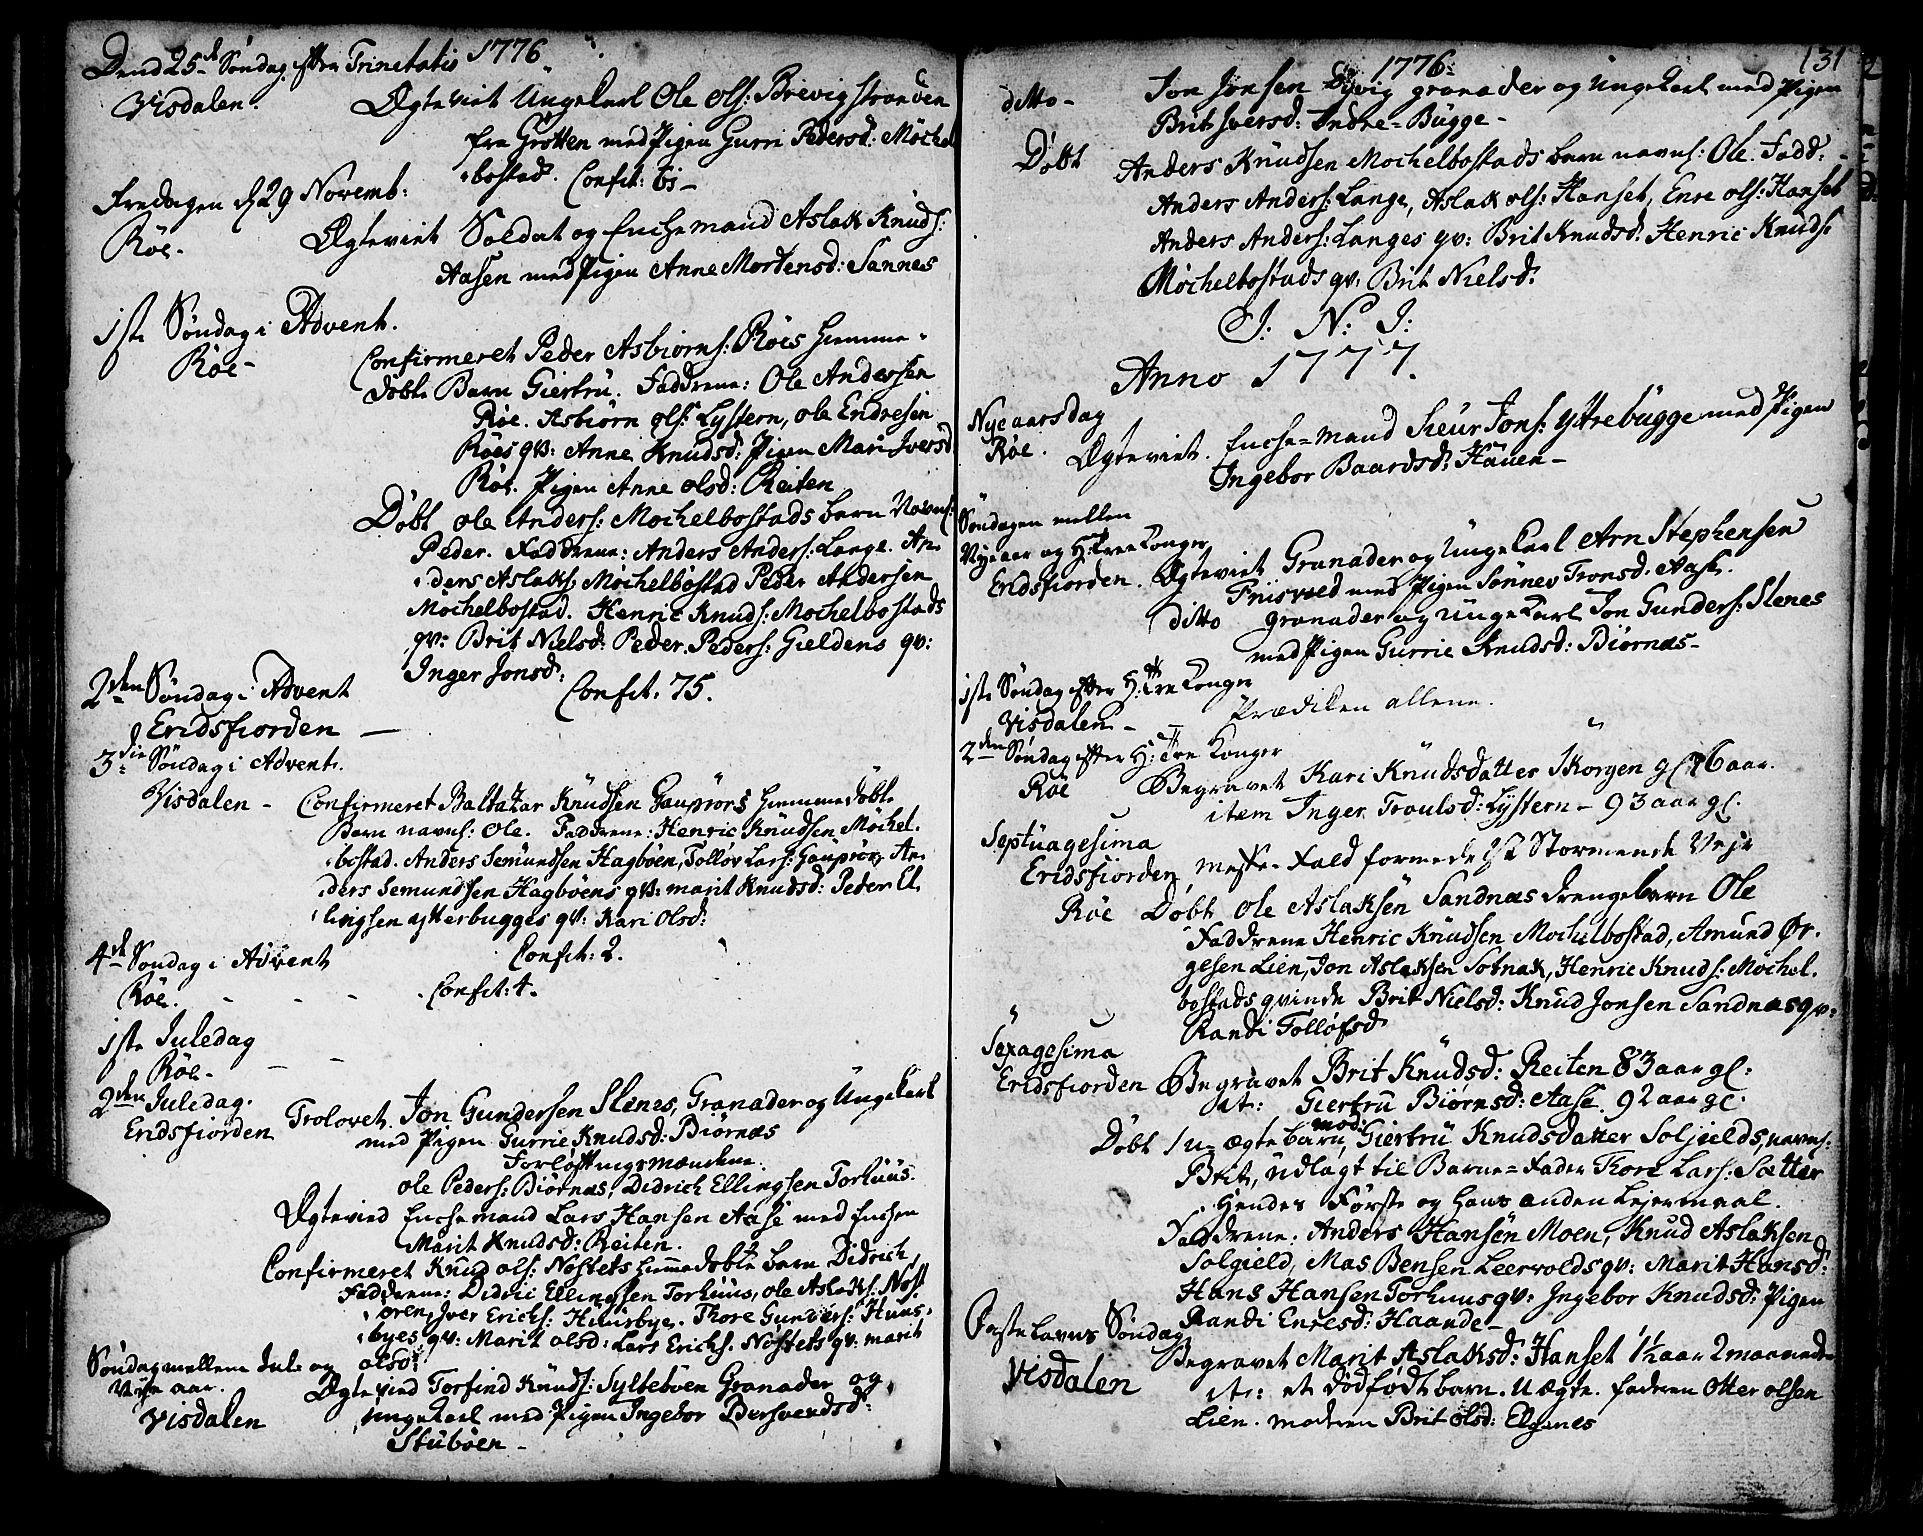 SAT, Ministerialprotokoller, klokkerbøker og fødselsregistre - Møre og Romsdal, 551/L0621: Ministerialbok nr. 551A01, 1757-1803, s. 131